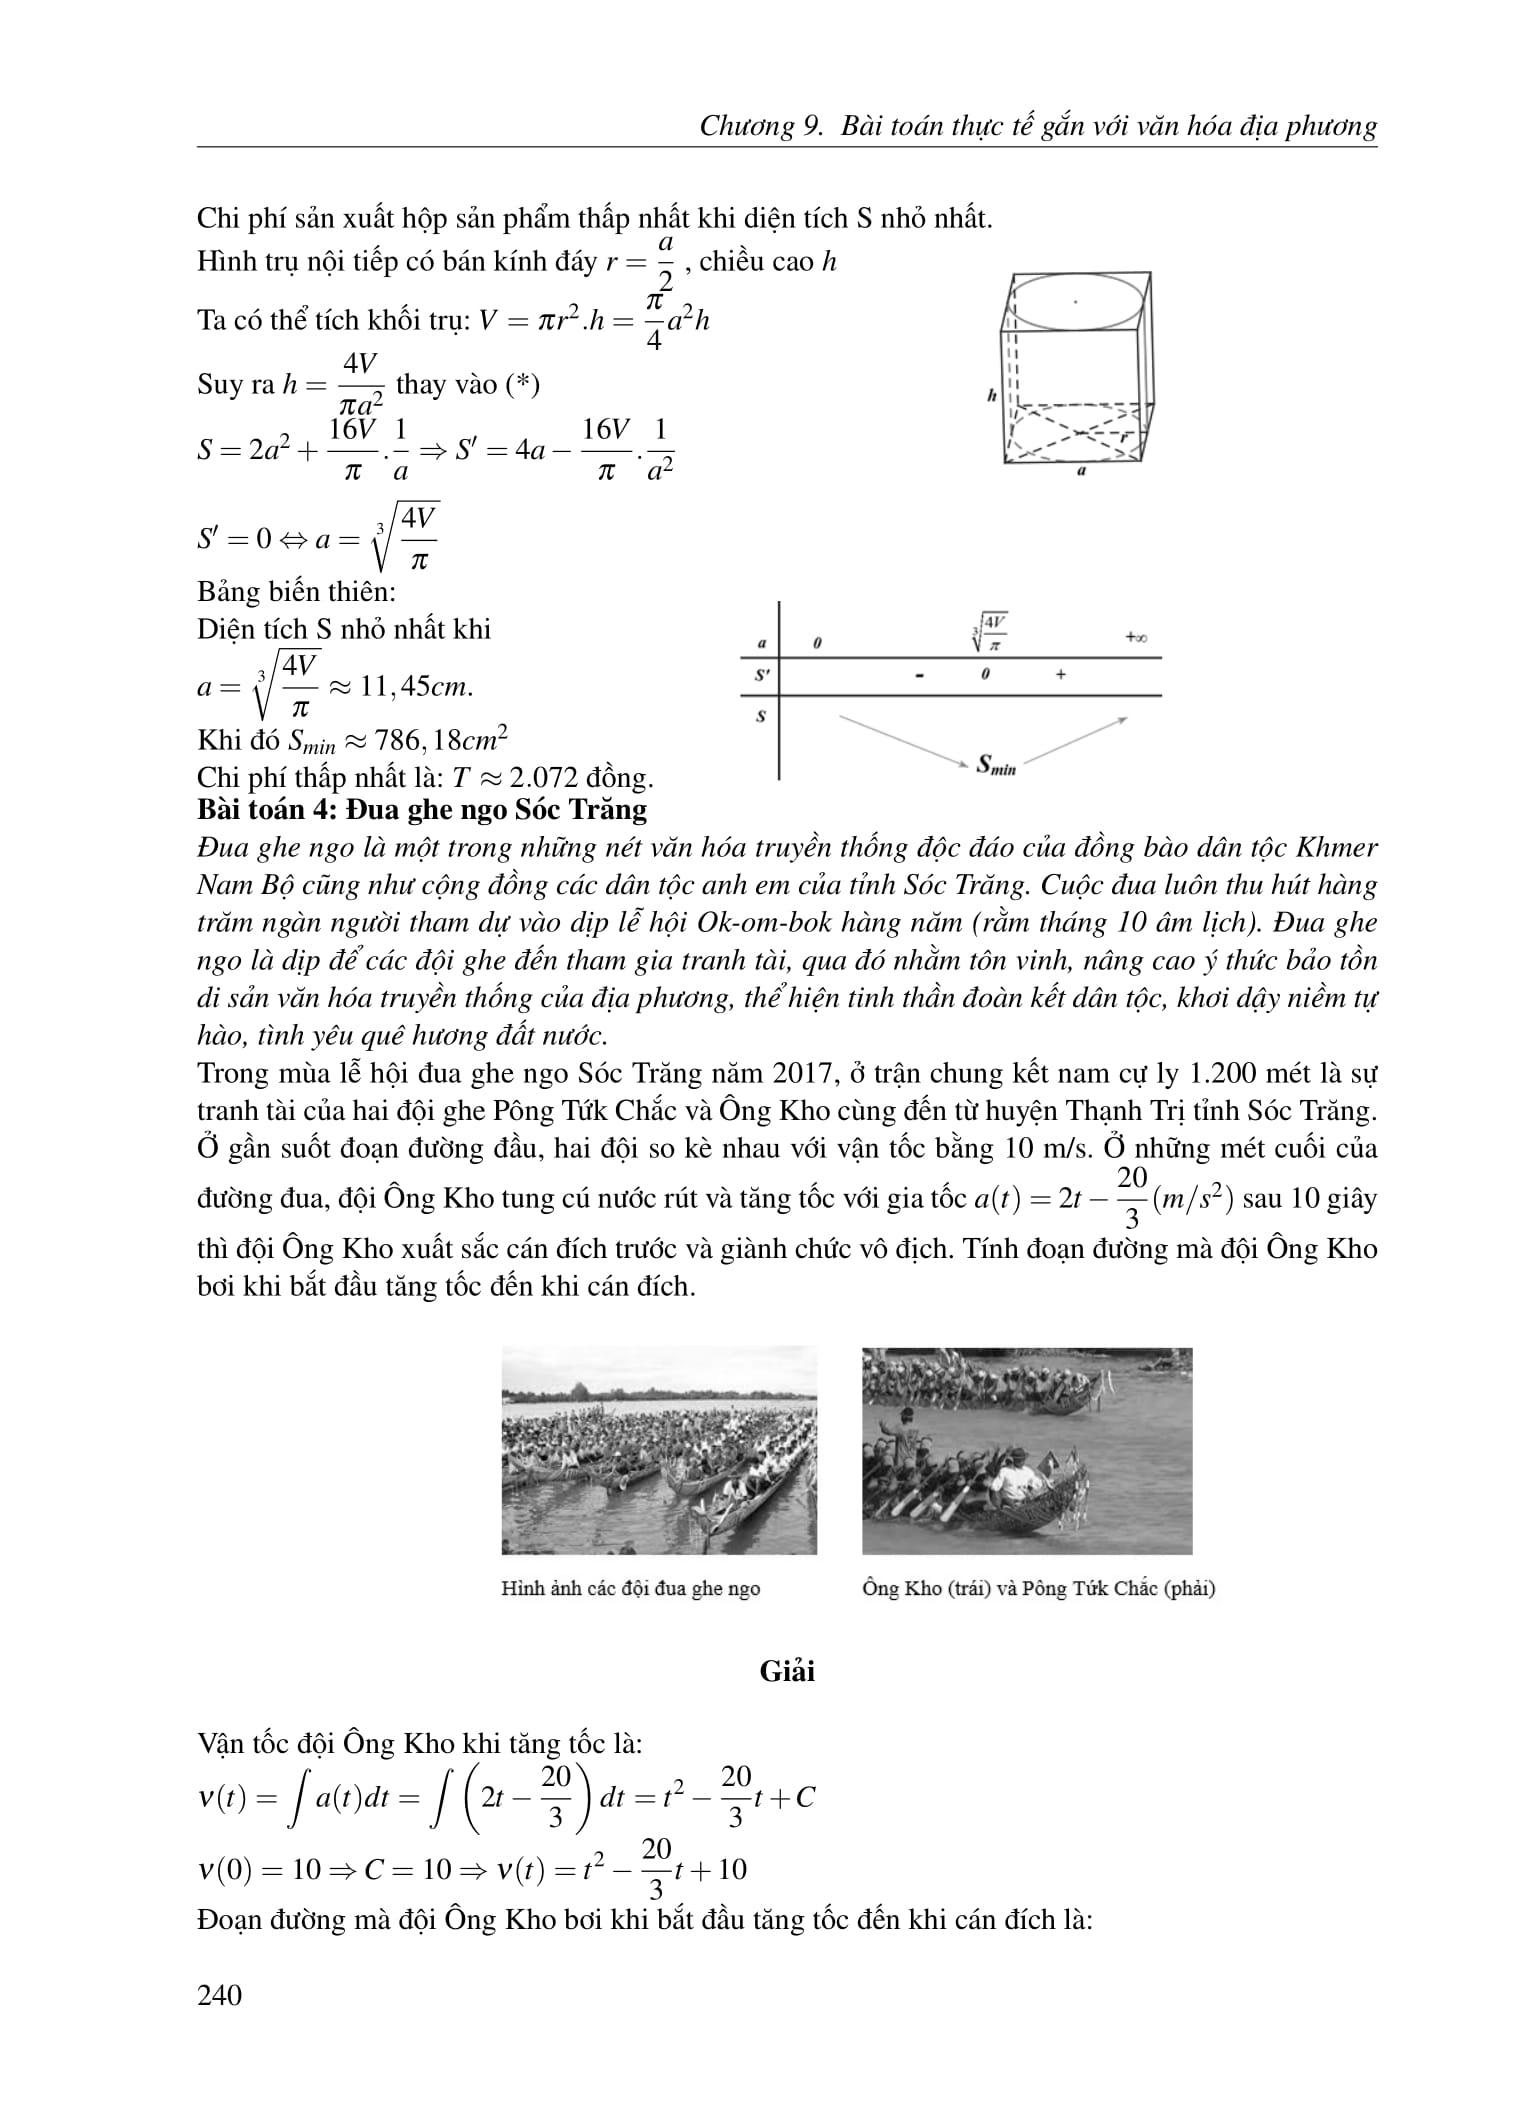 Sử Dụng Máy Tính Casio Giải Đề Trắc Nghiệm Và Toán Thực Tế Lớp 12 Và Tuyển Sinh Đại Học